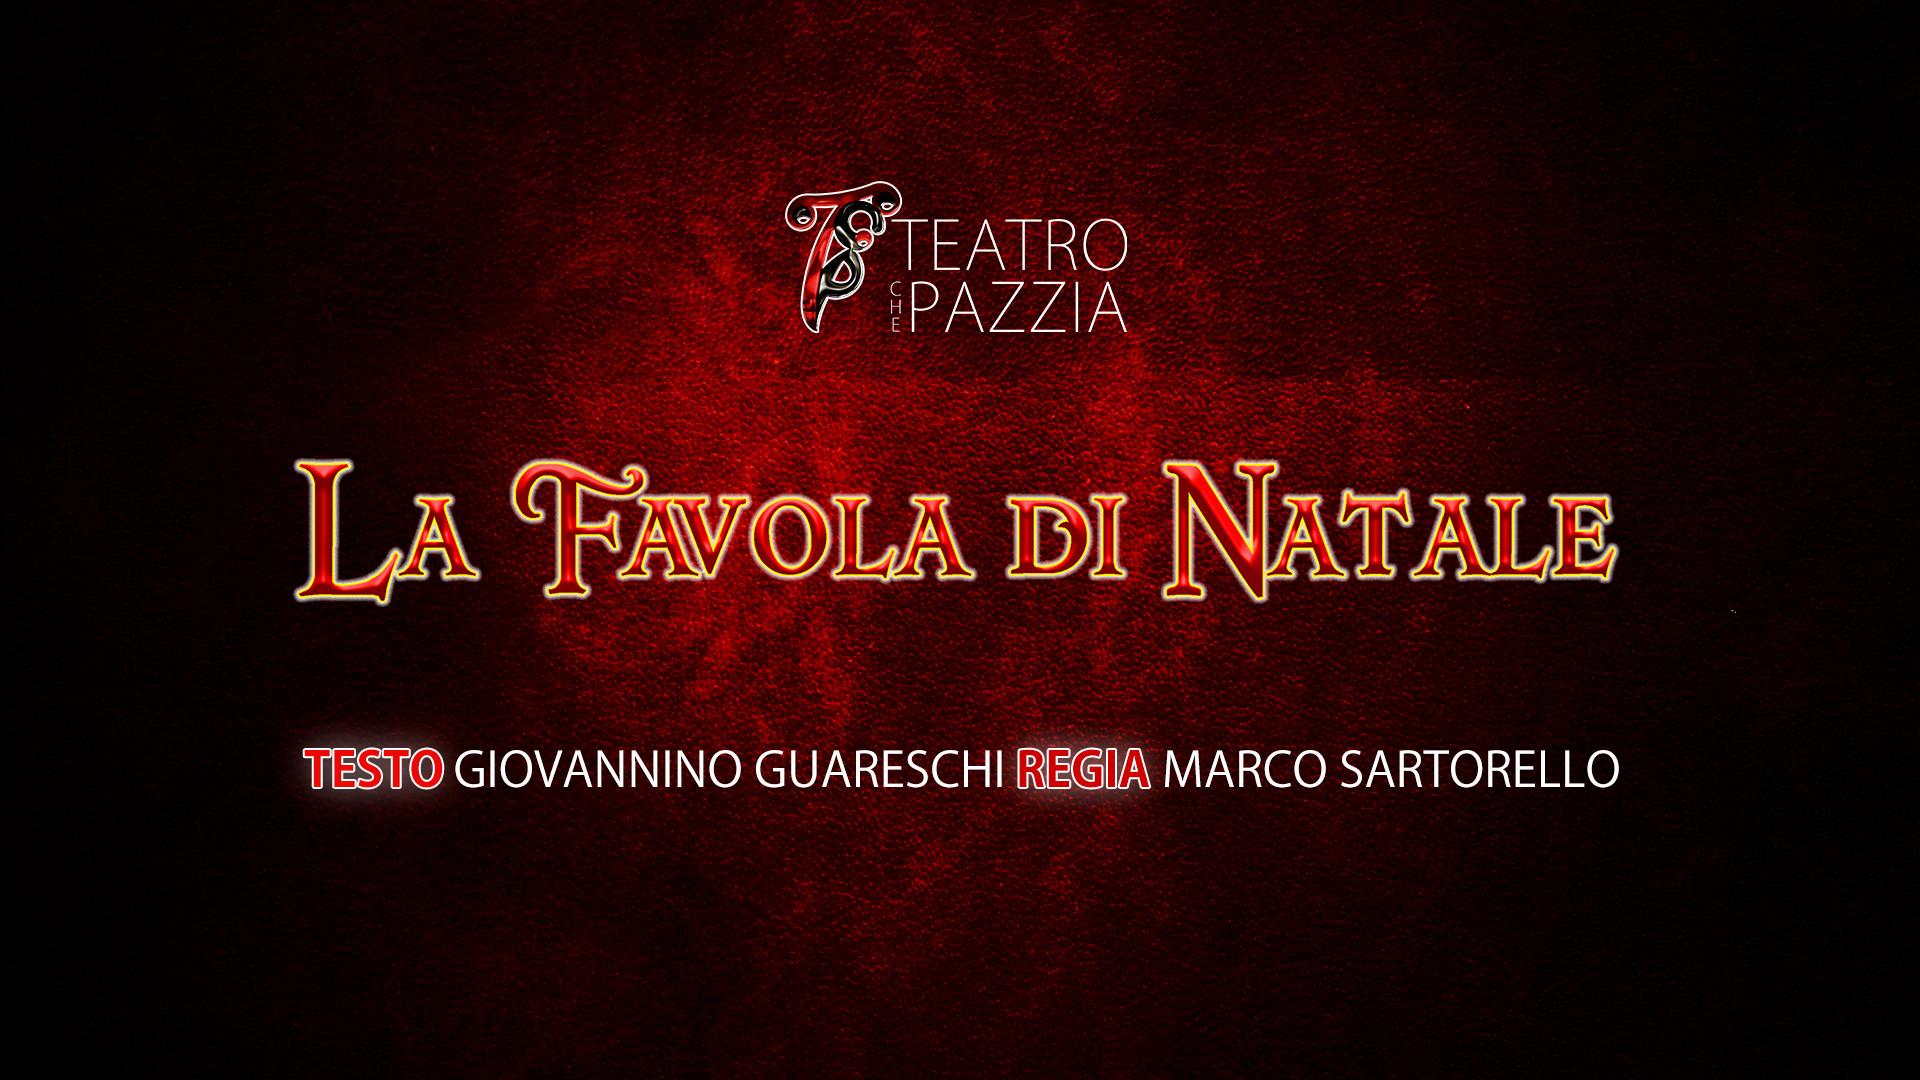 Produzioni_la_favola_di_natale.jpg